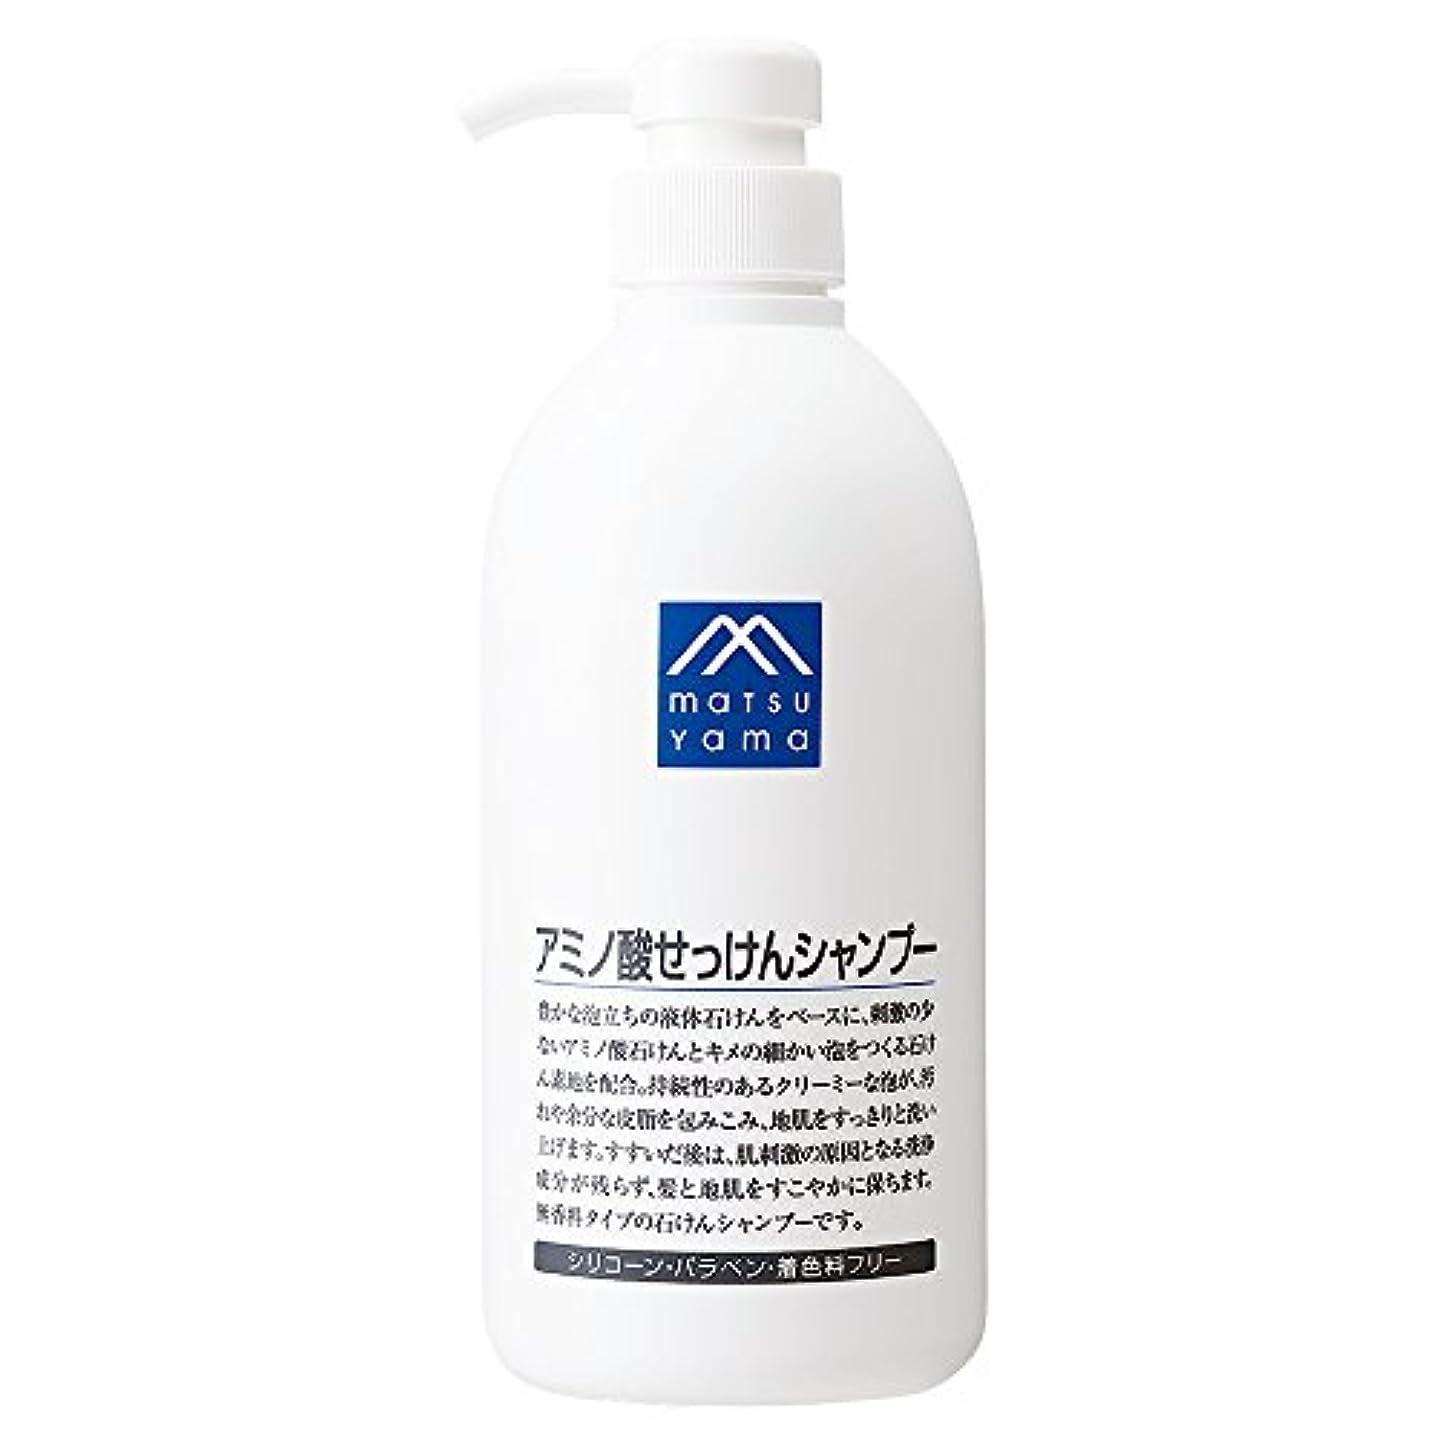 軍花シフトM-mark アミノ酸せっけんシャンプー